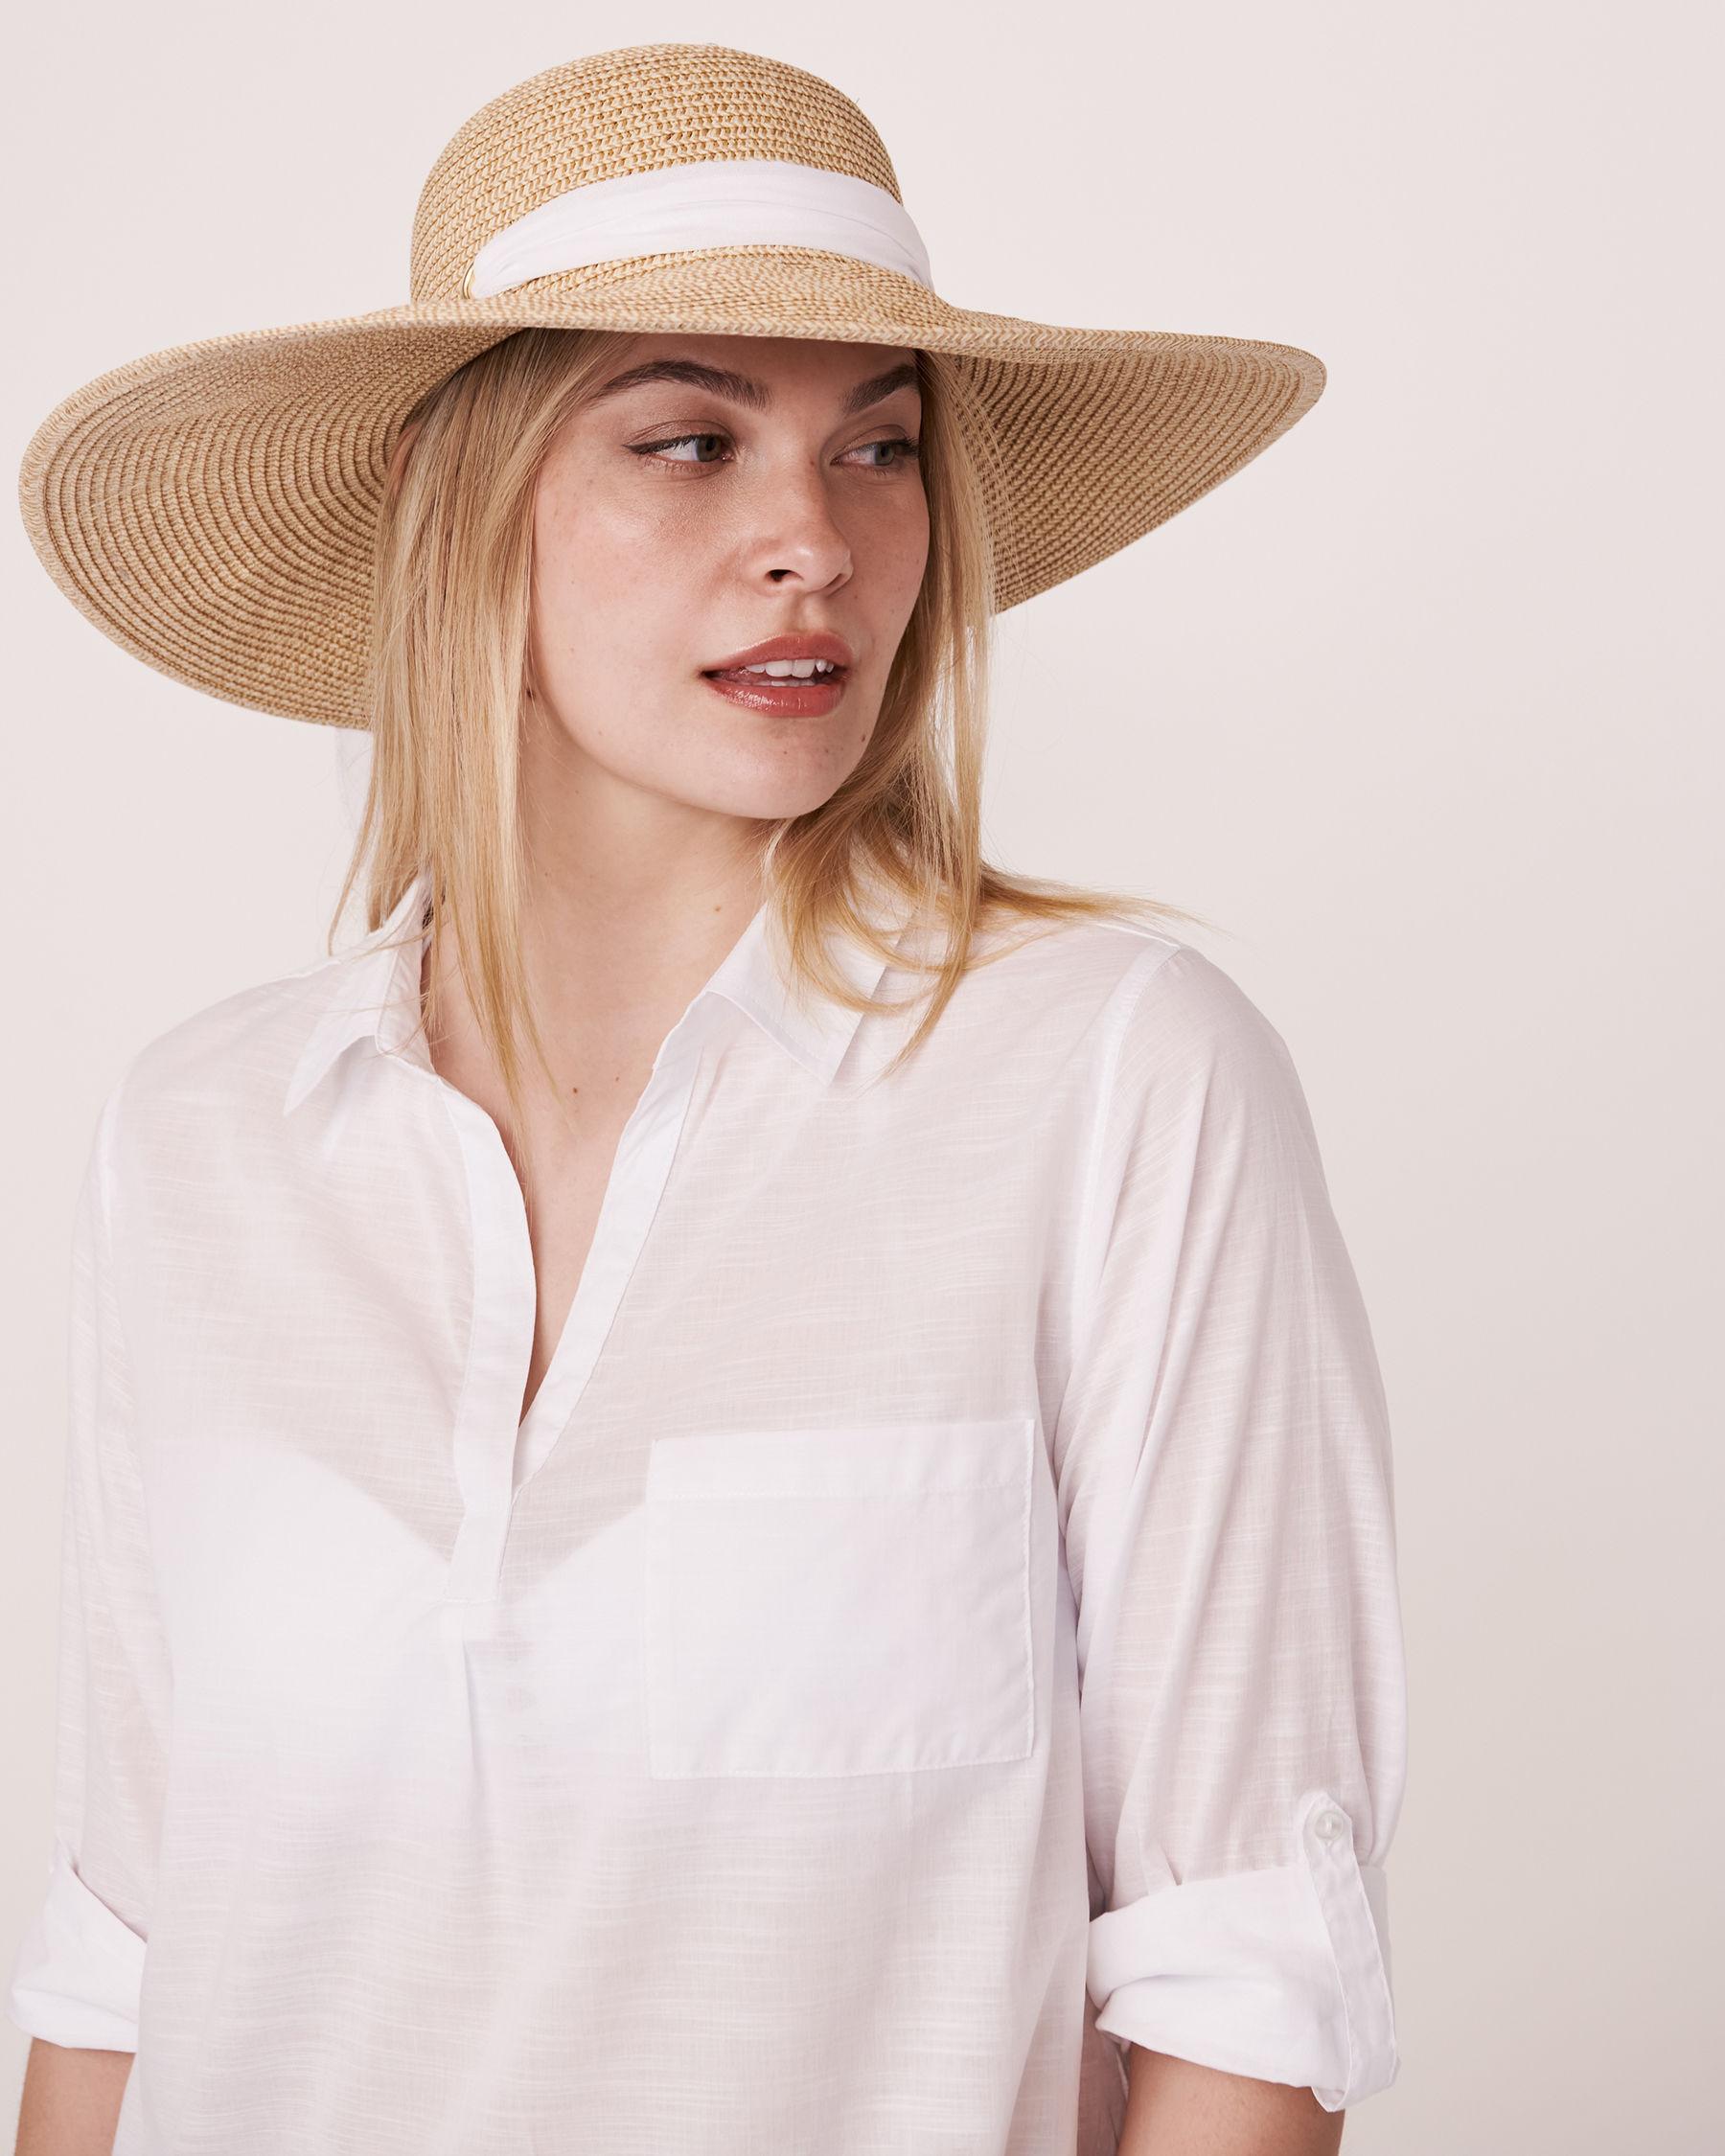 LA VIE EN ROSE AQUA Hat with Ribbon Sand 80500015 - View1